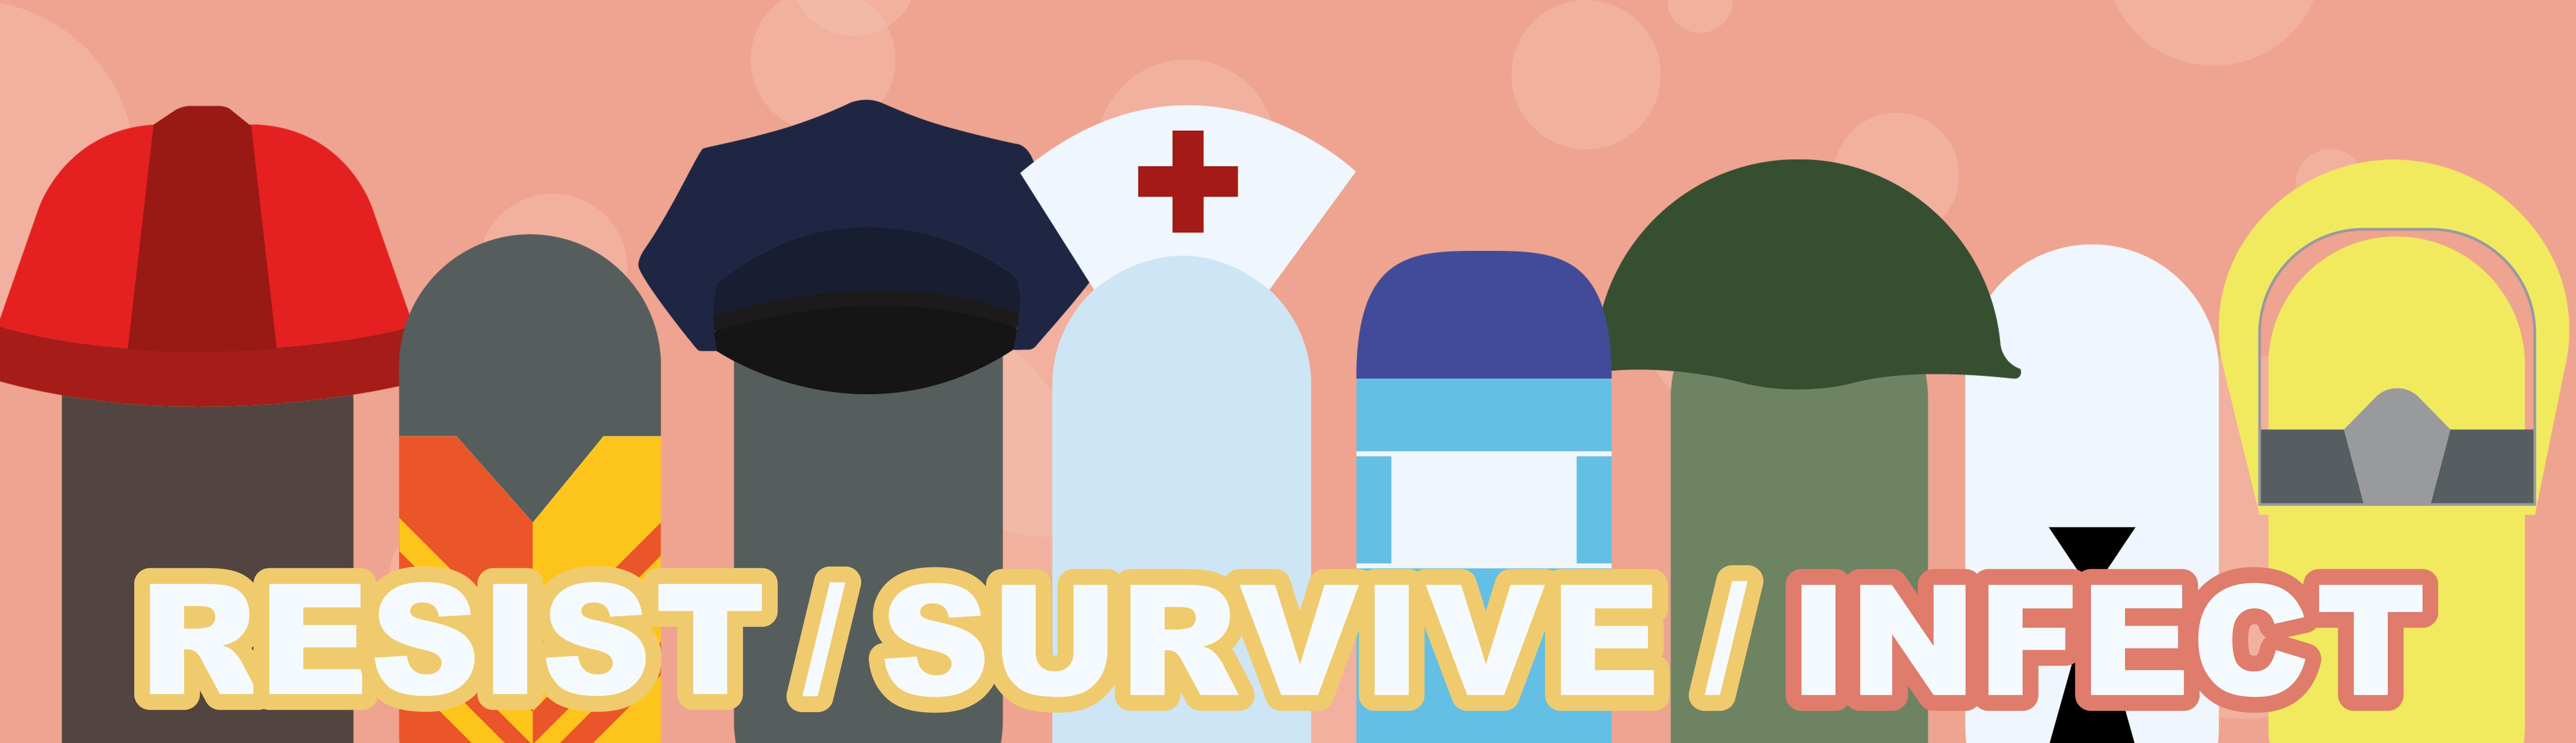 RESIST/SURVIVE/INFECT